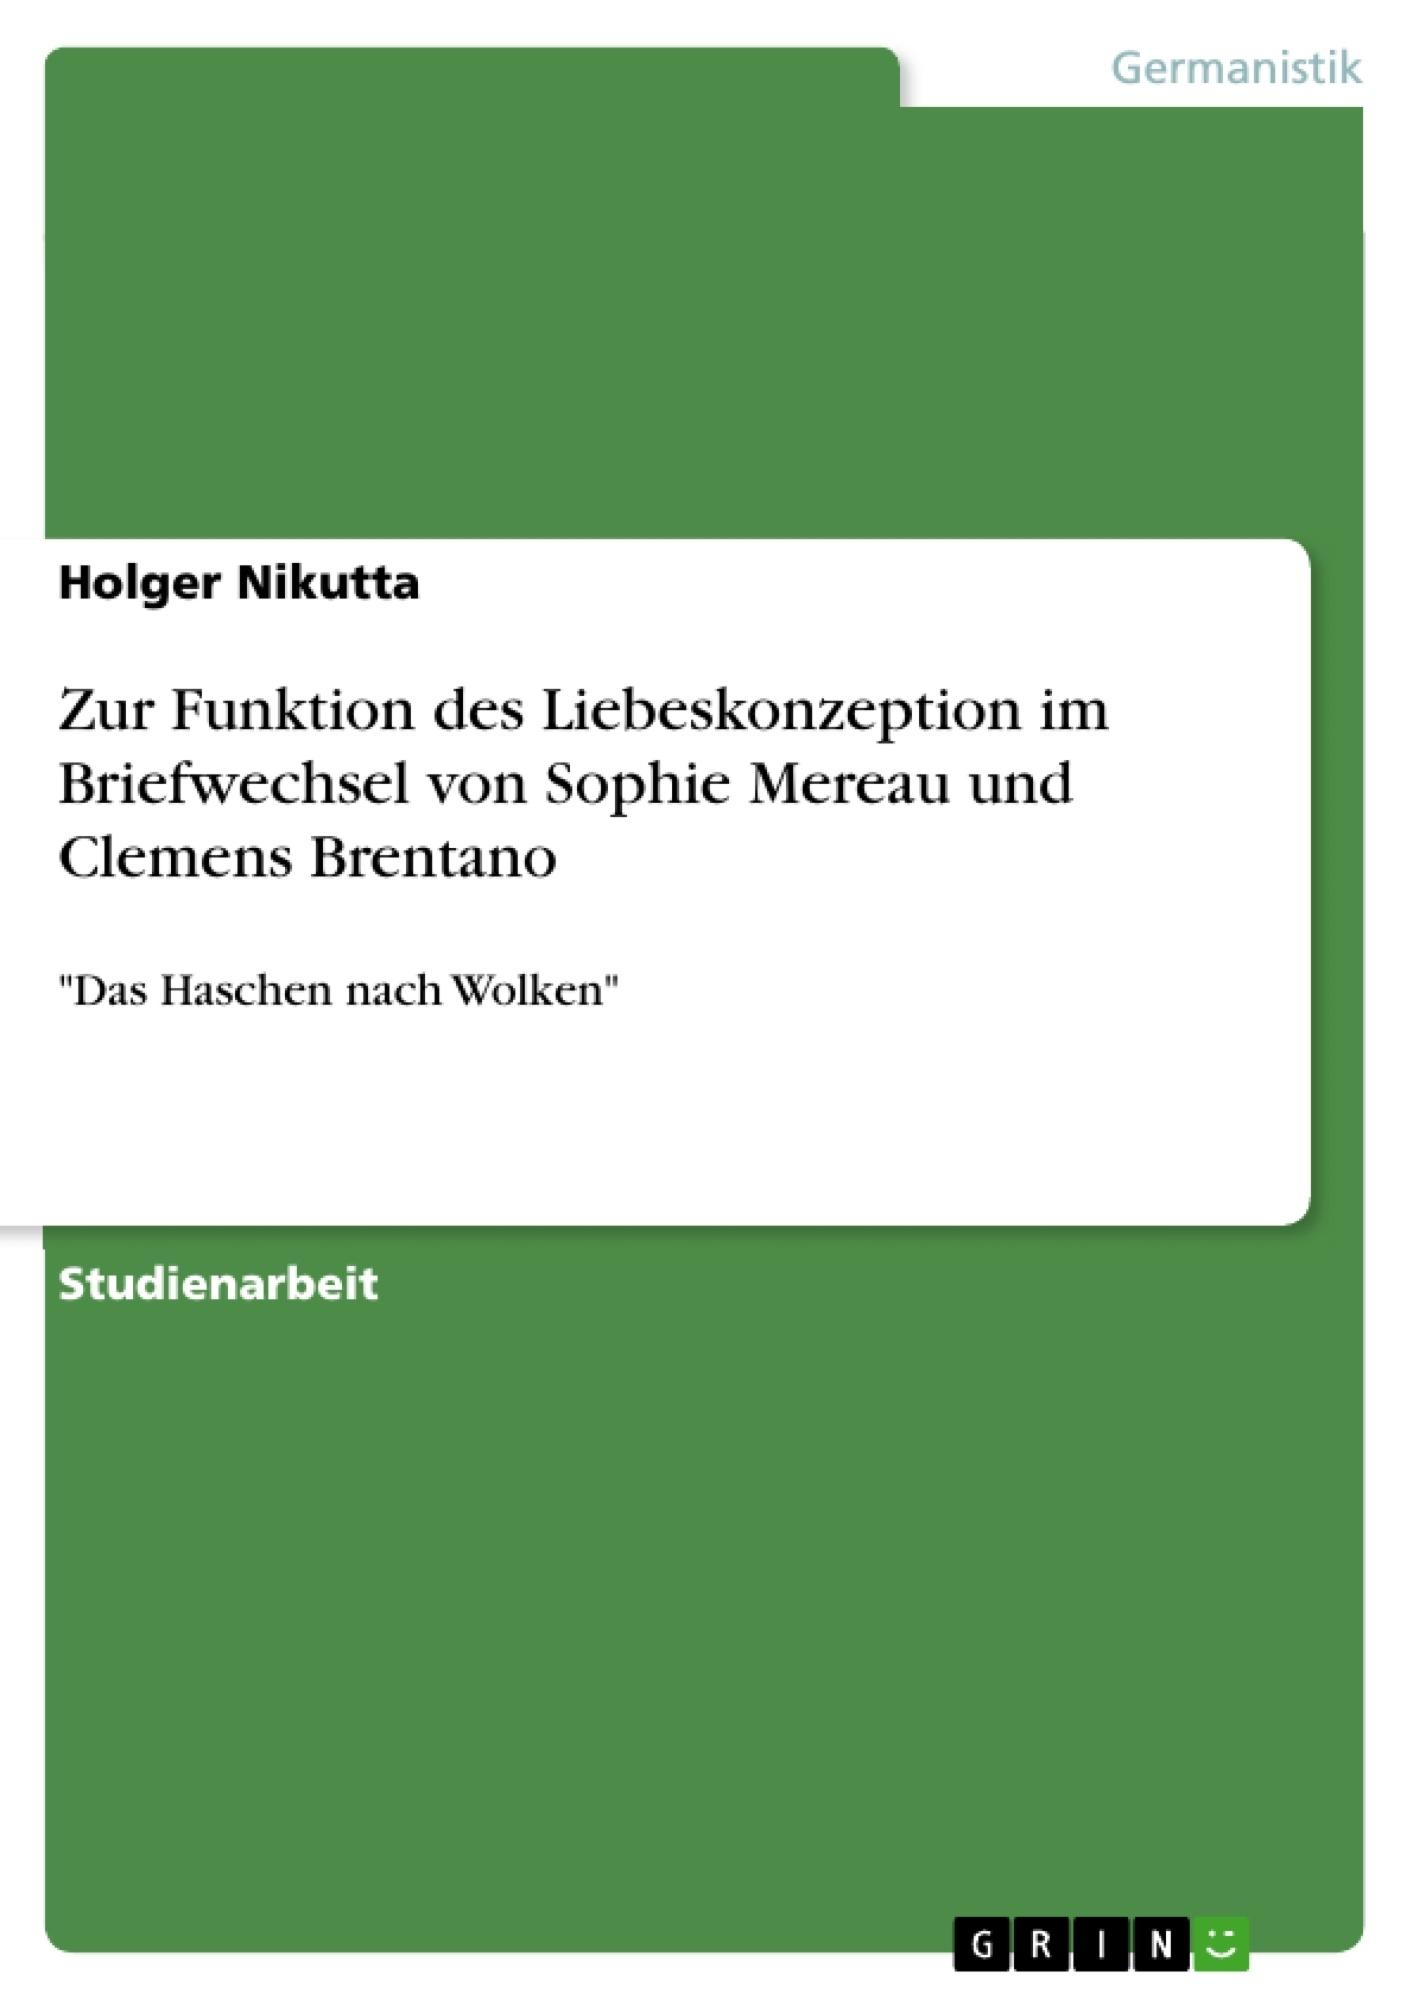 Titel: Zur Funktion des Liebeskonzeption im Briefwechsel von Sophie Mereau und Clemens Brentano